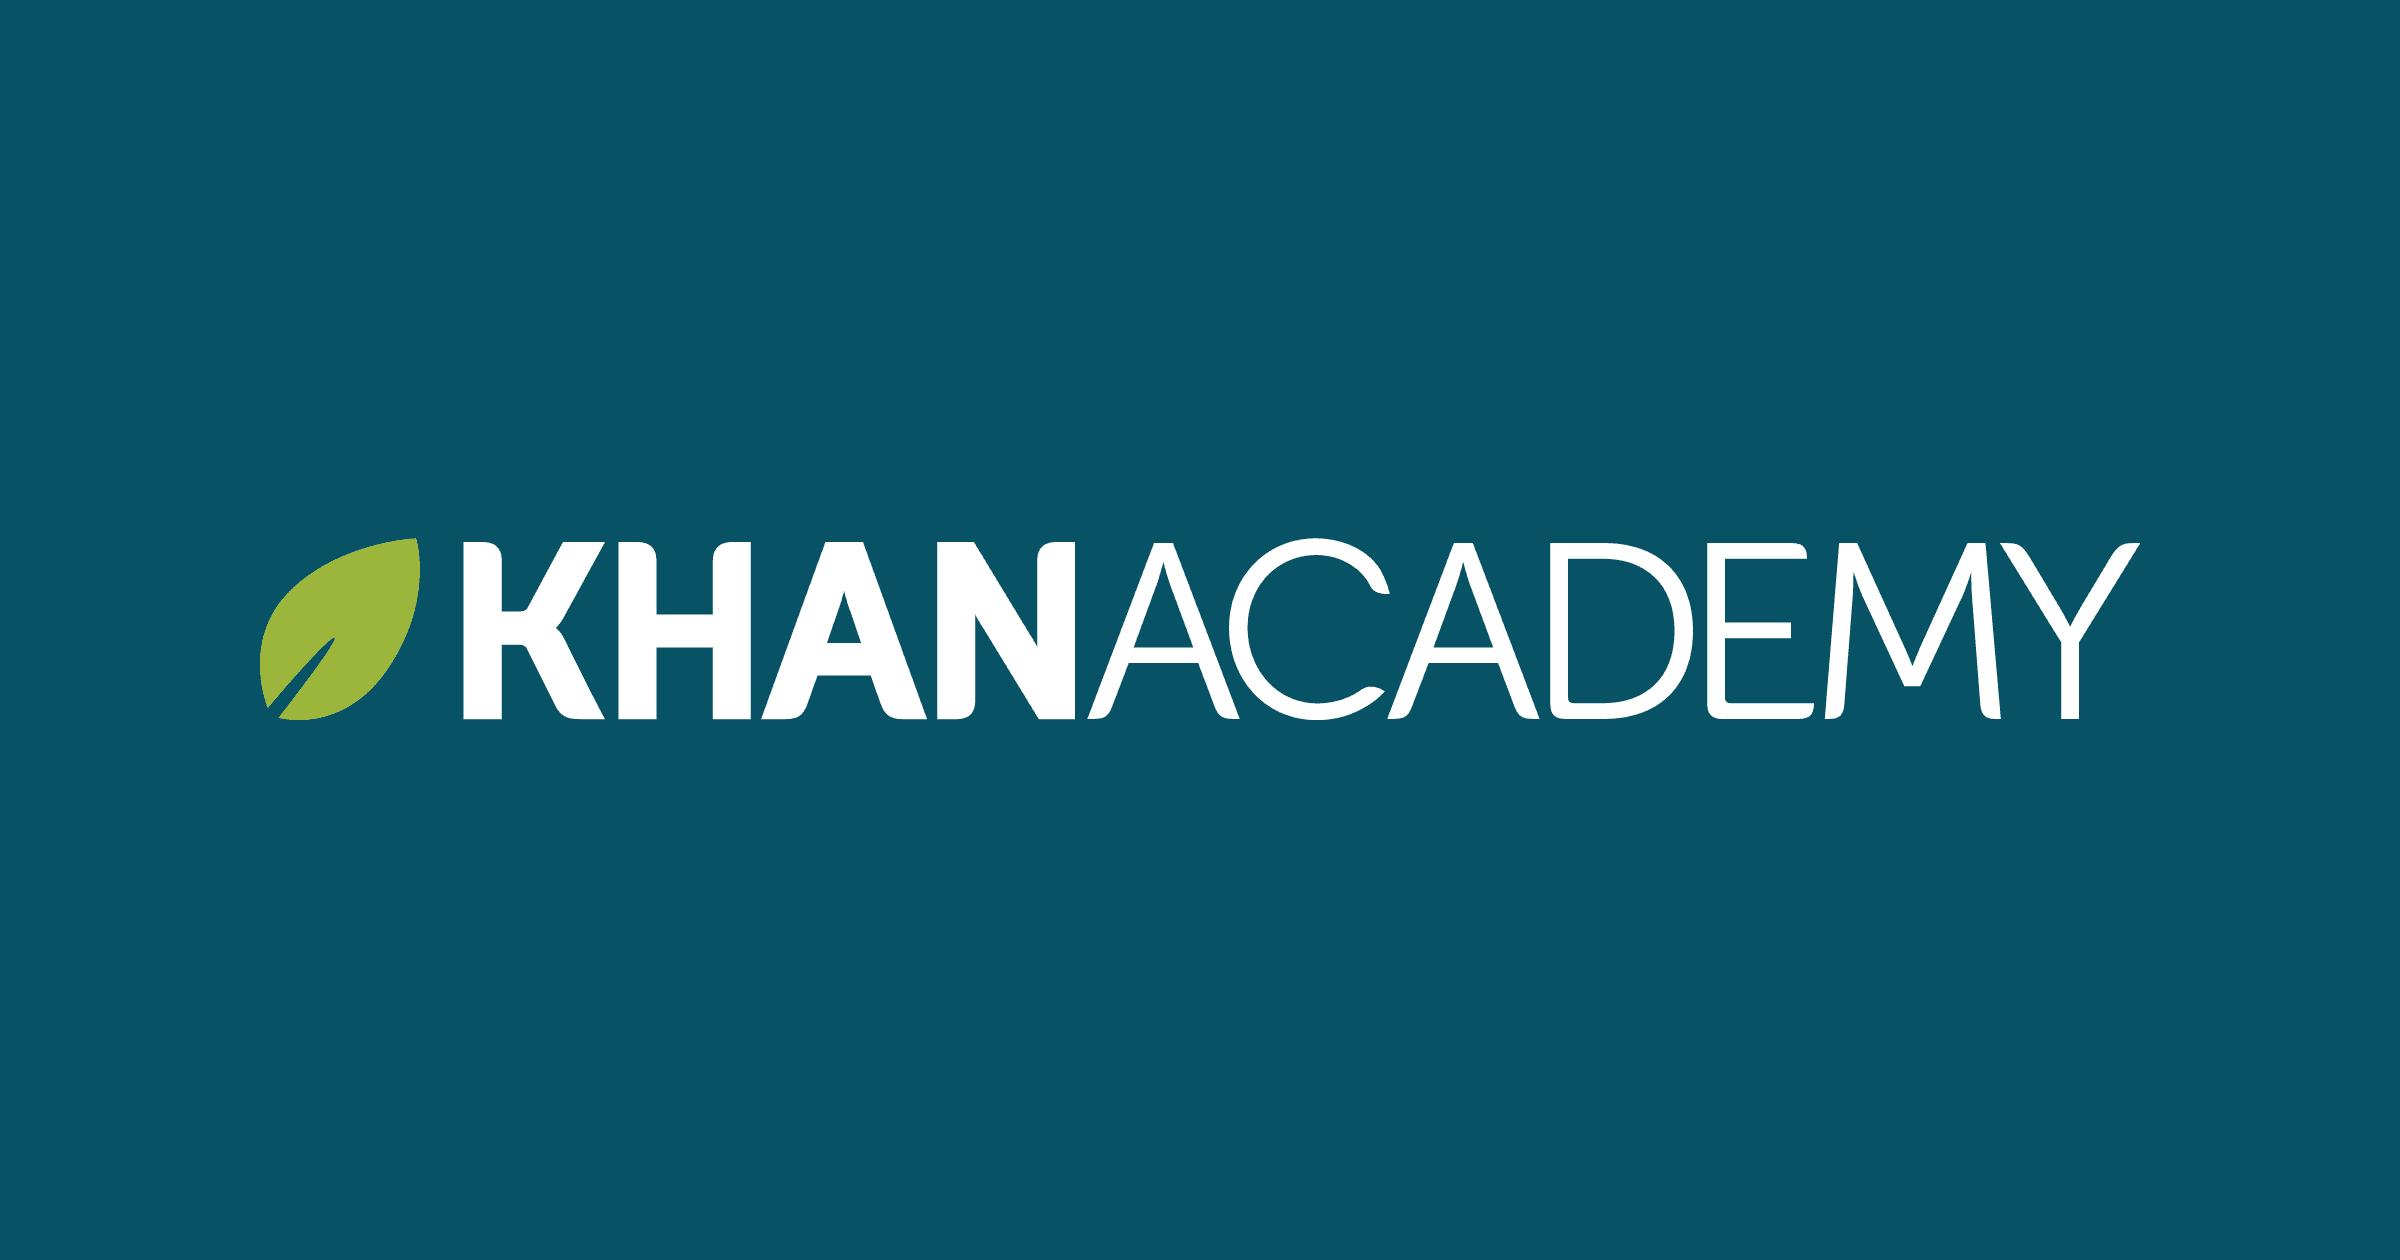 khan academy kodi addon